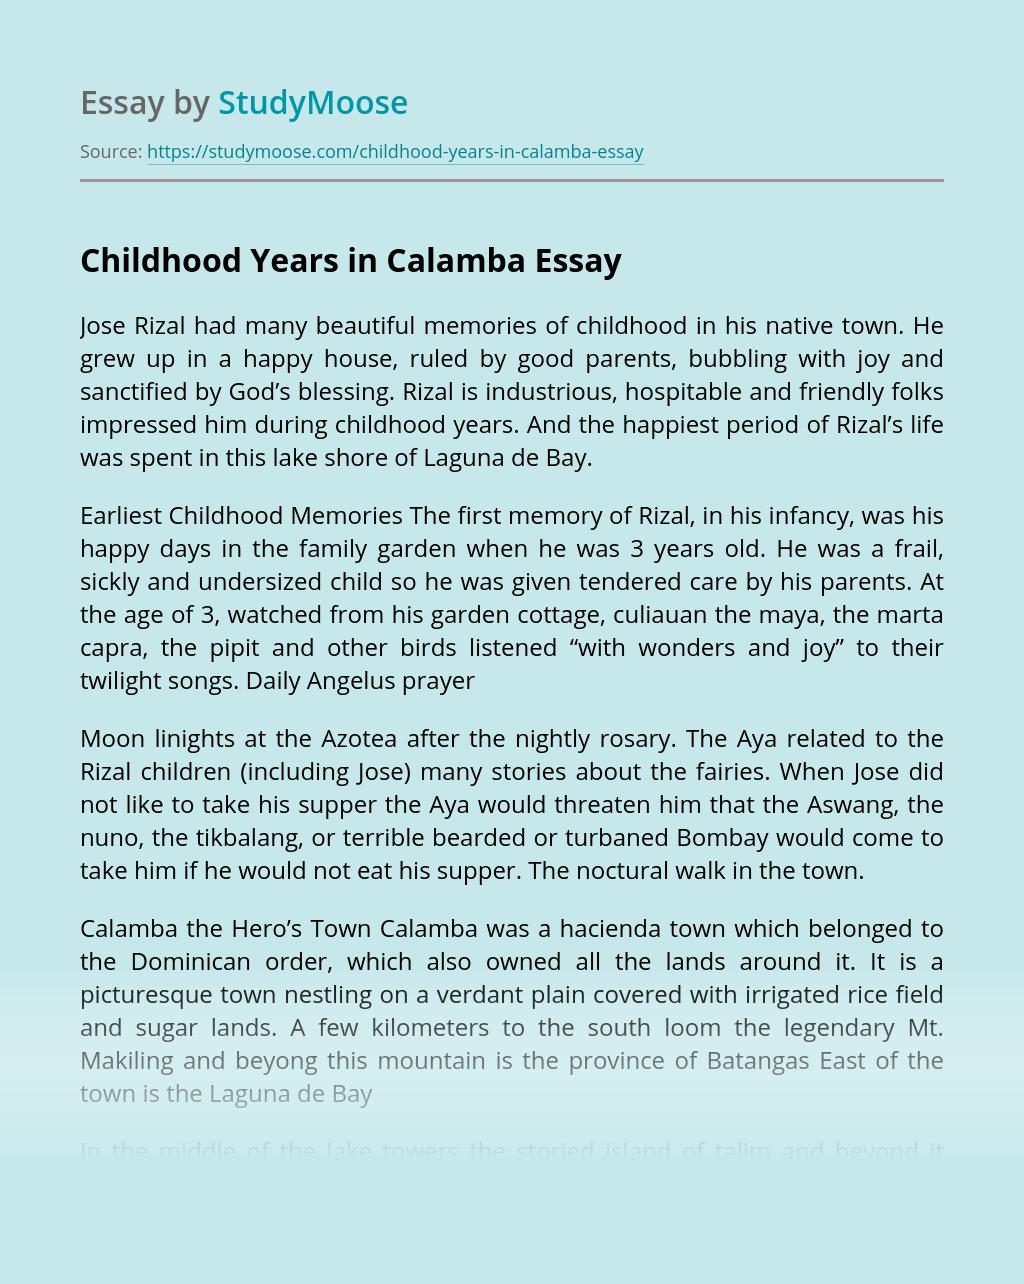 Childhood Years in Calamba